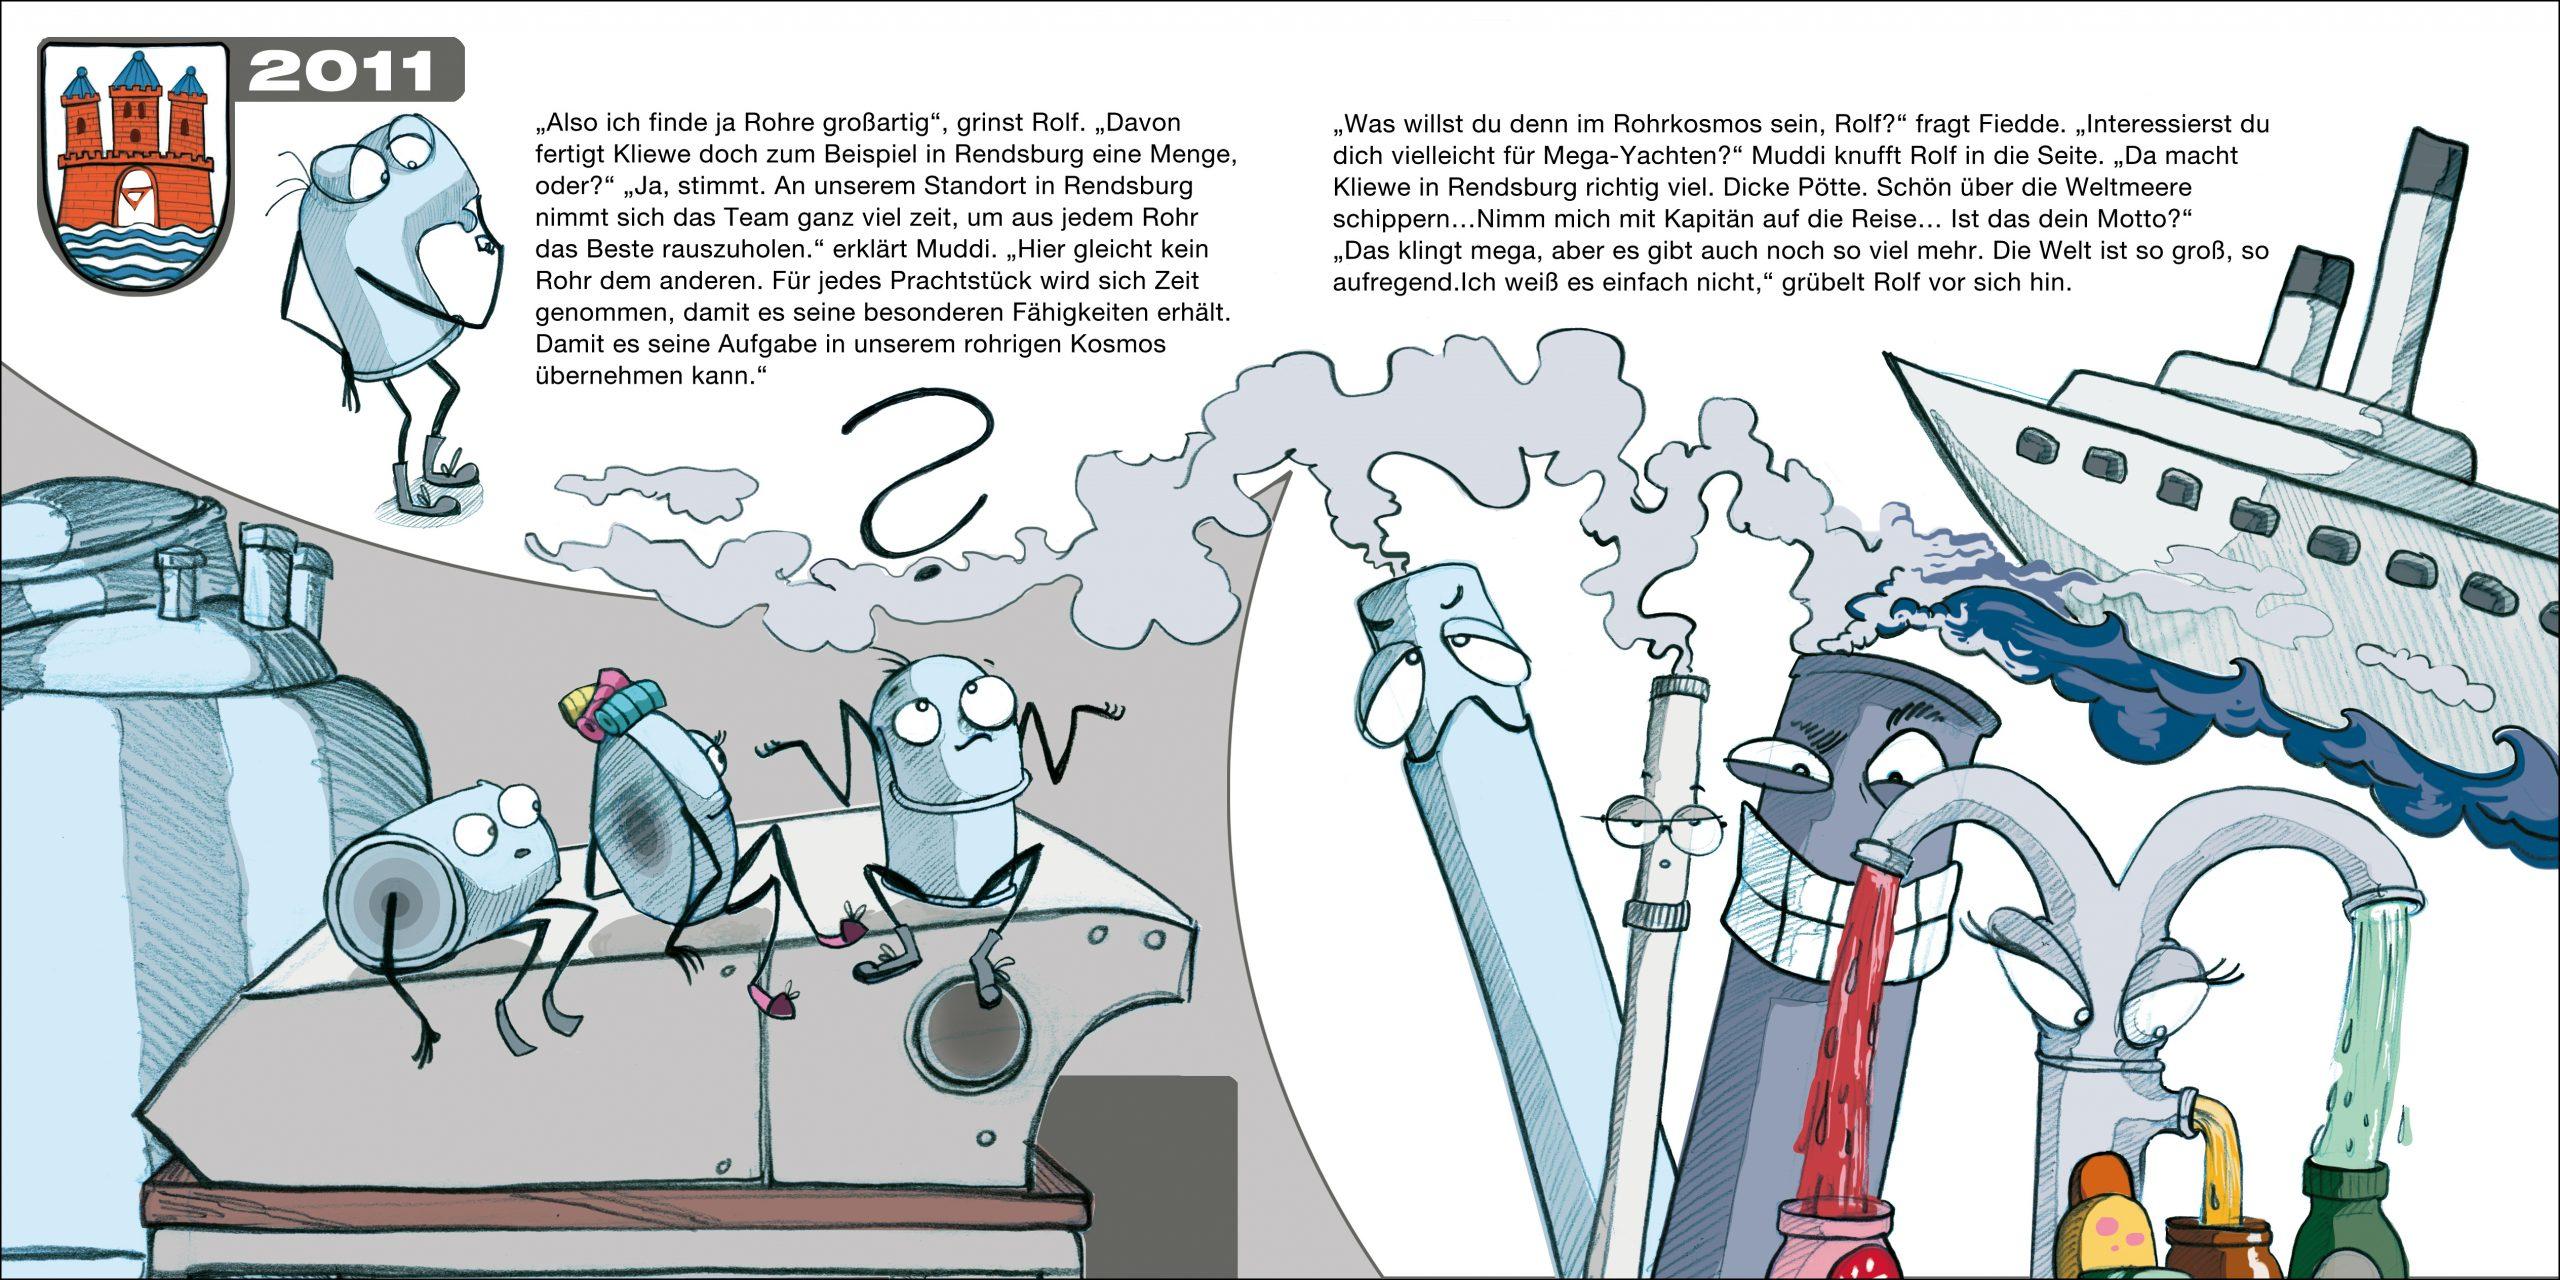 GK Kliewe Infobroschüre, Handlungsstrang 1, Doppelseite 7